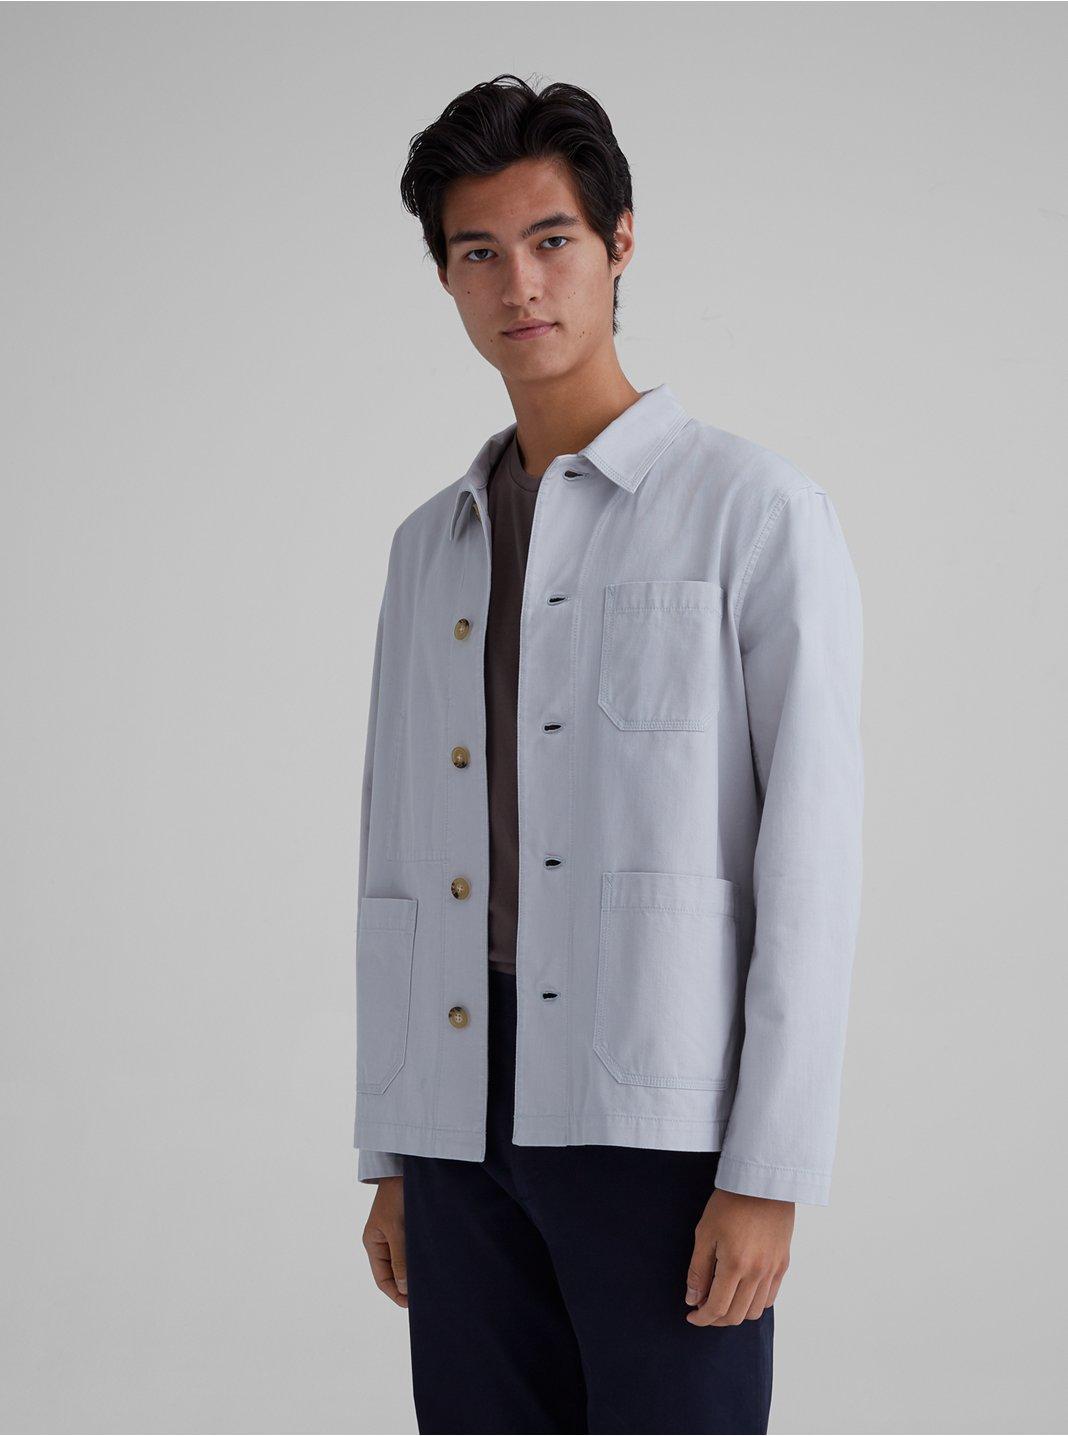 Workwear Shirt Jacket